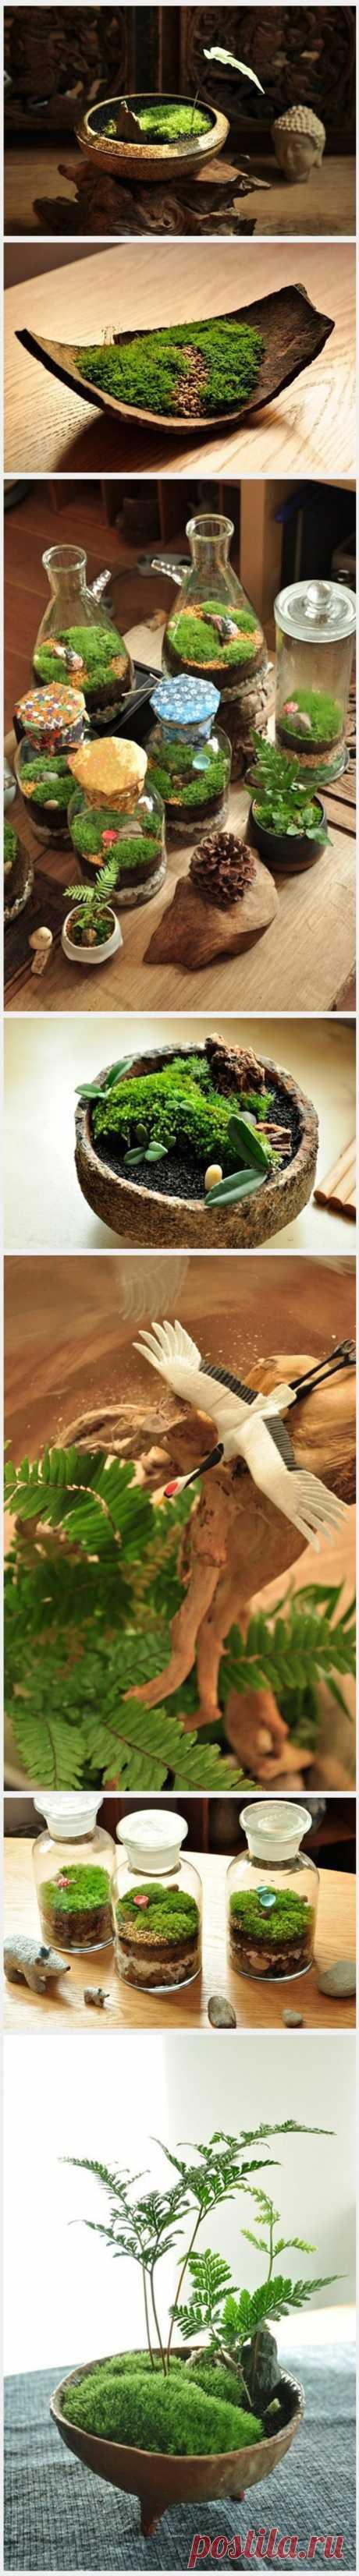 微型盆栽-堆糖,美好生活研究所